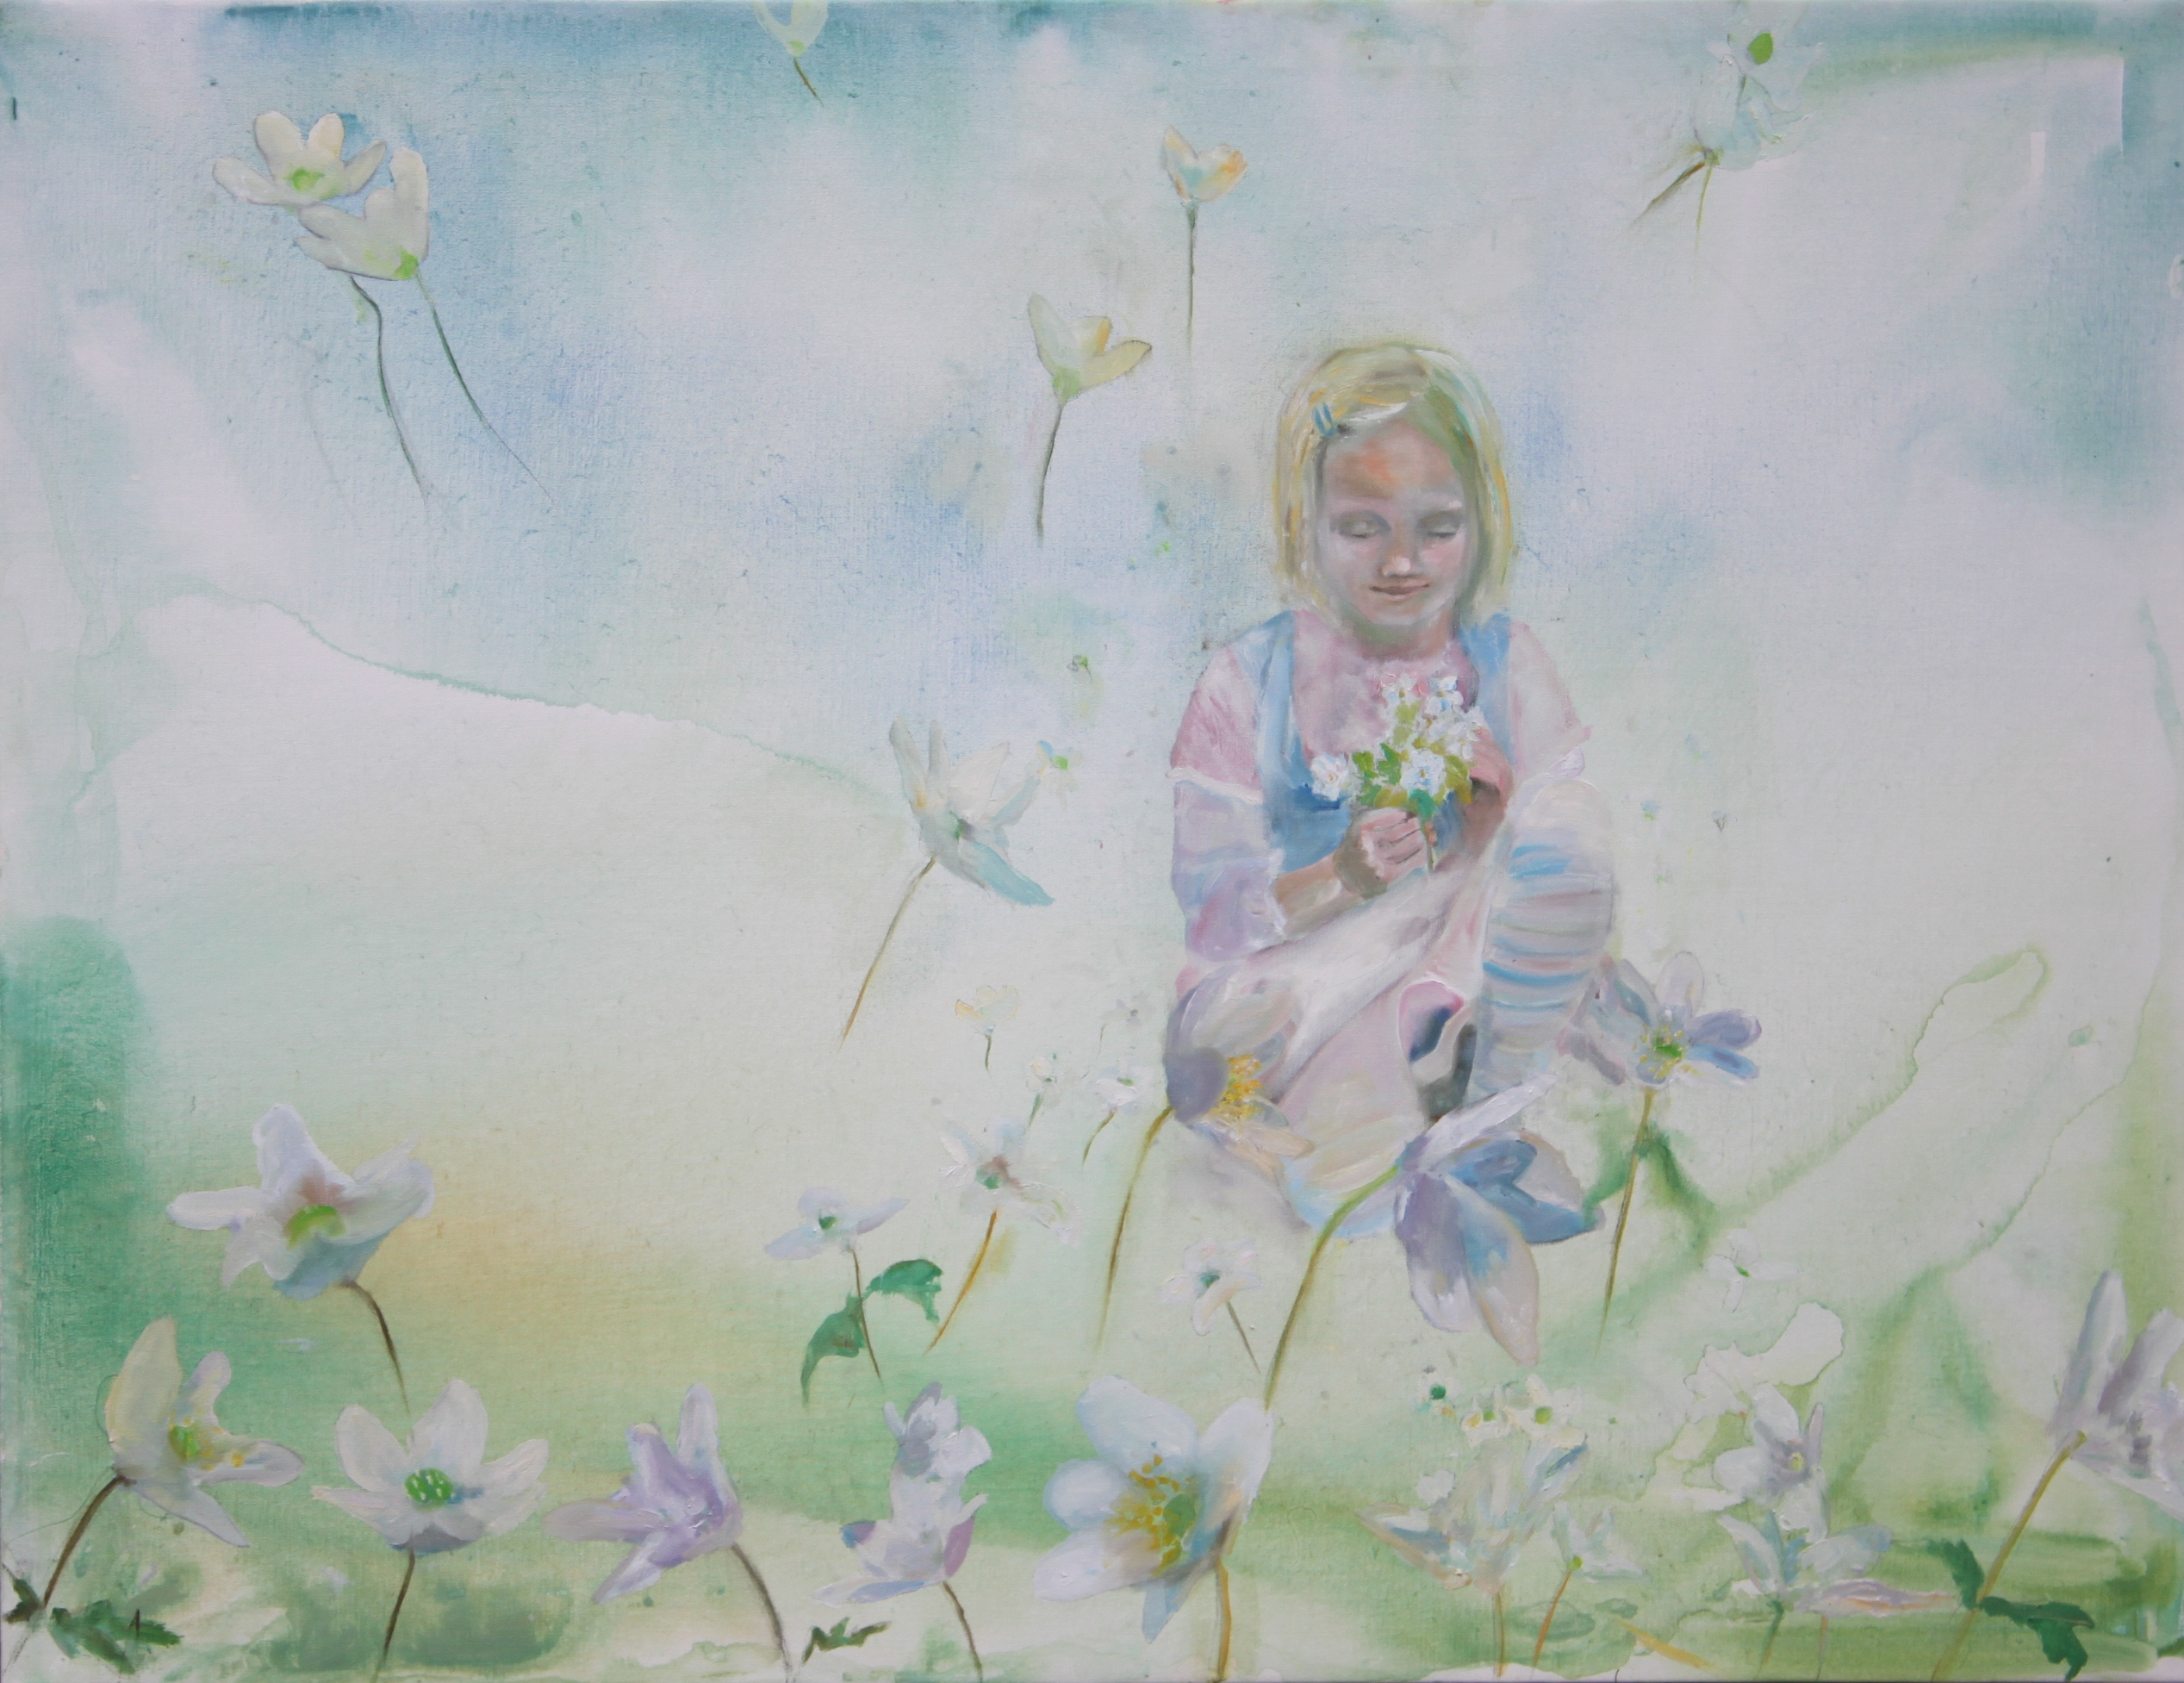 Pige med anemoner - 100 x 120